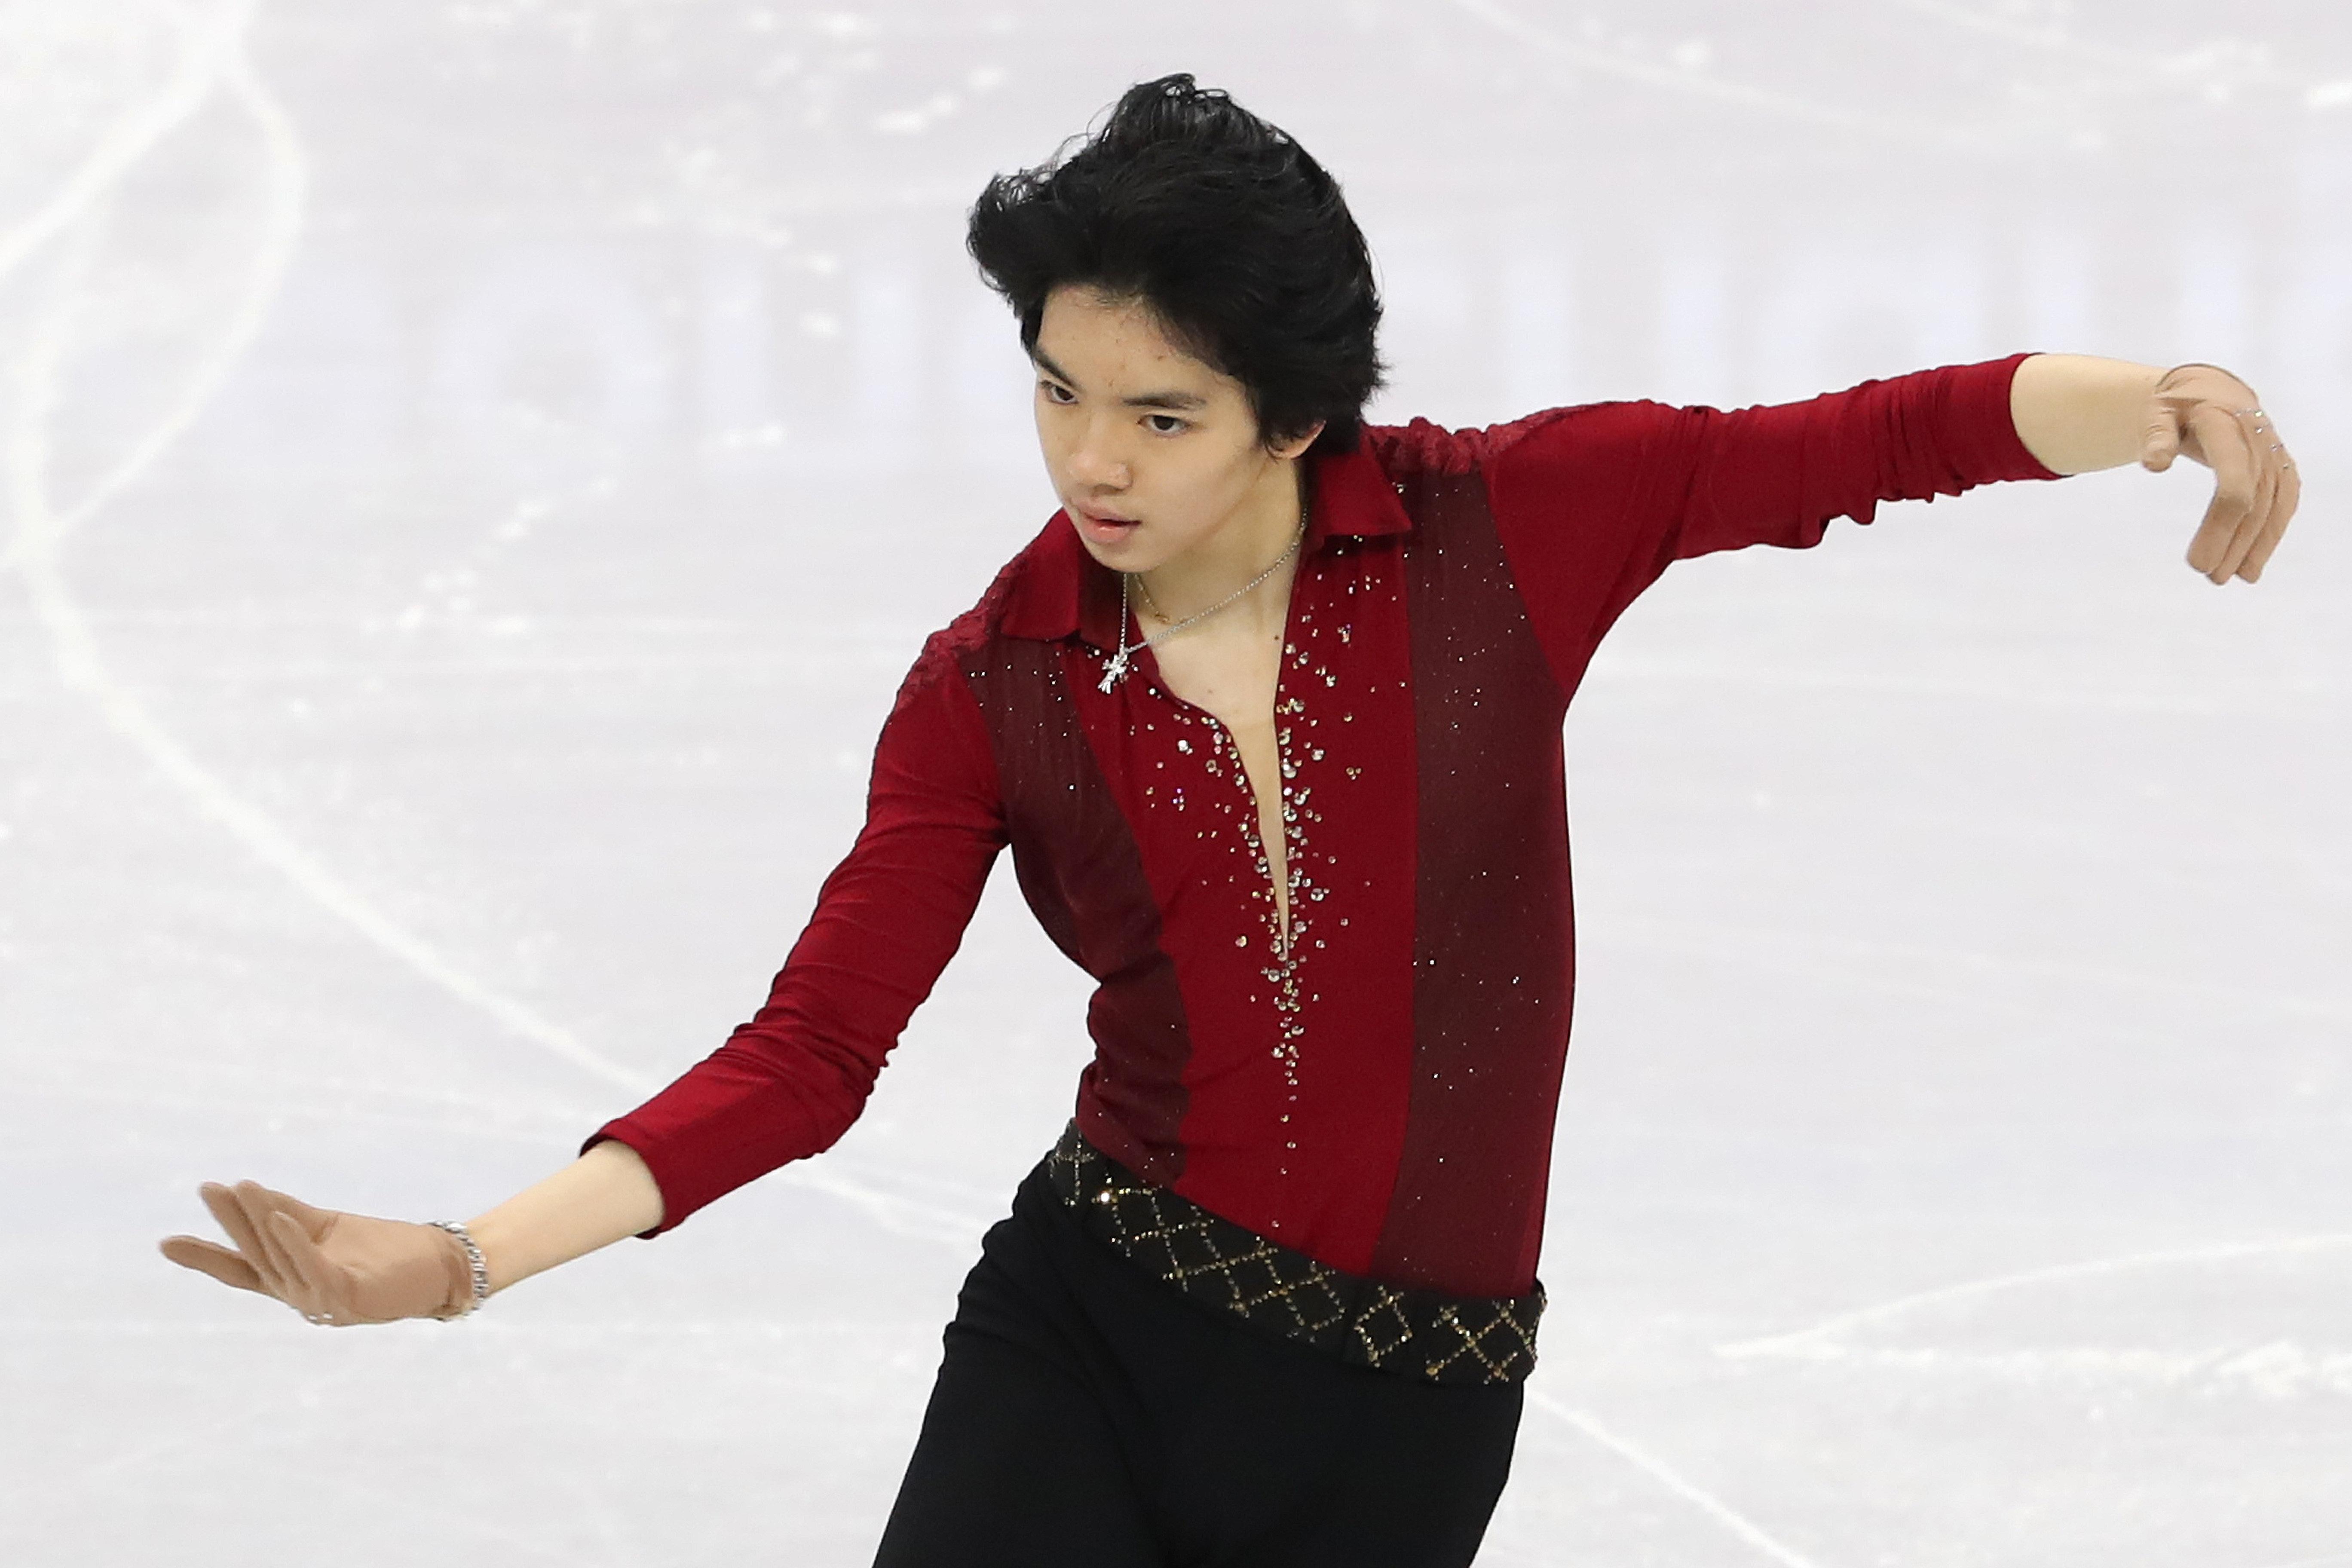 평창 동계올림픽 금메달은 사실 순금으로 만들어지지